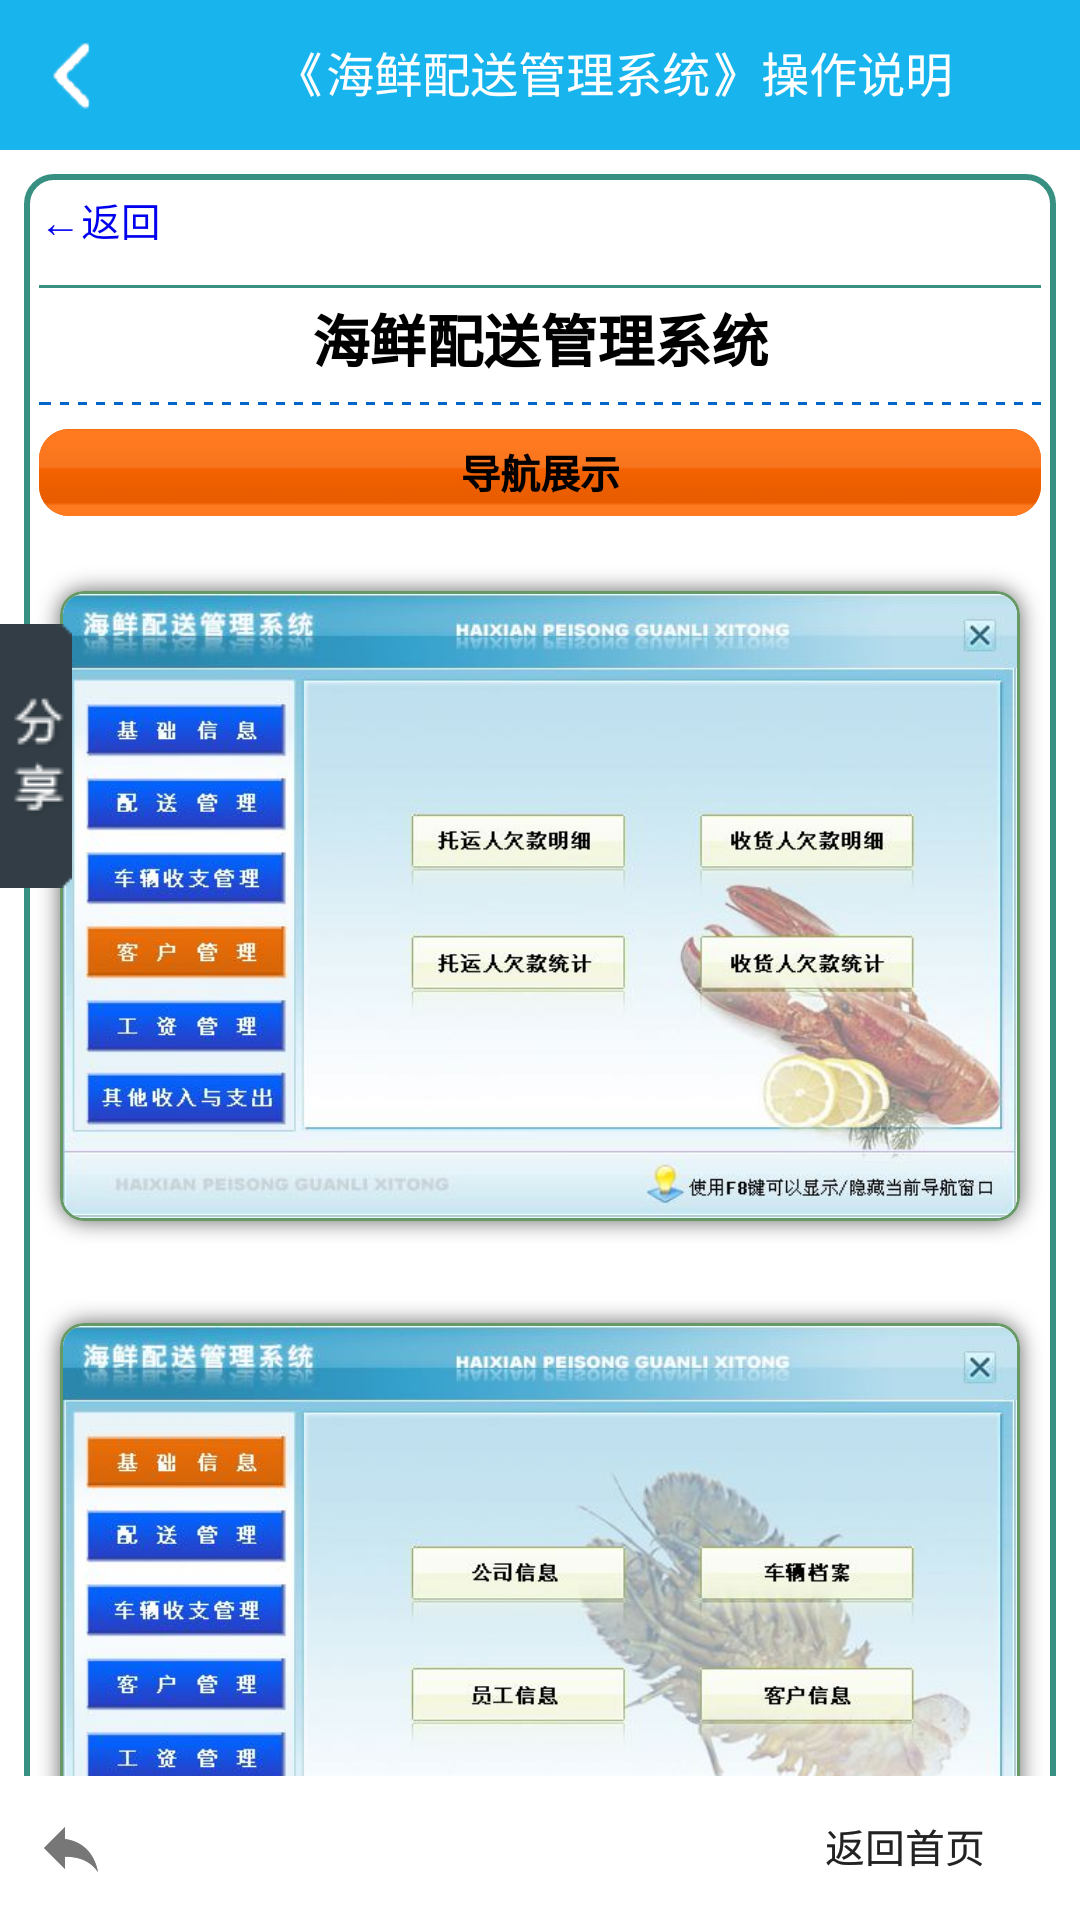 海鲜配送管理系统